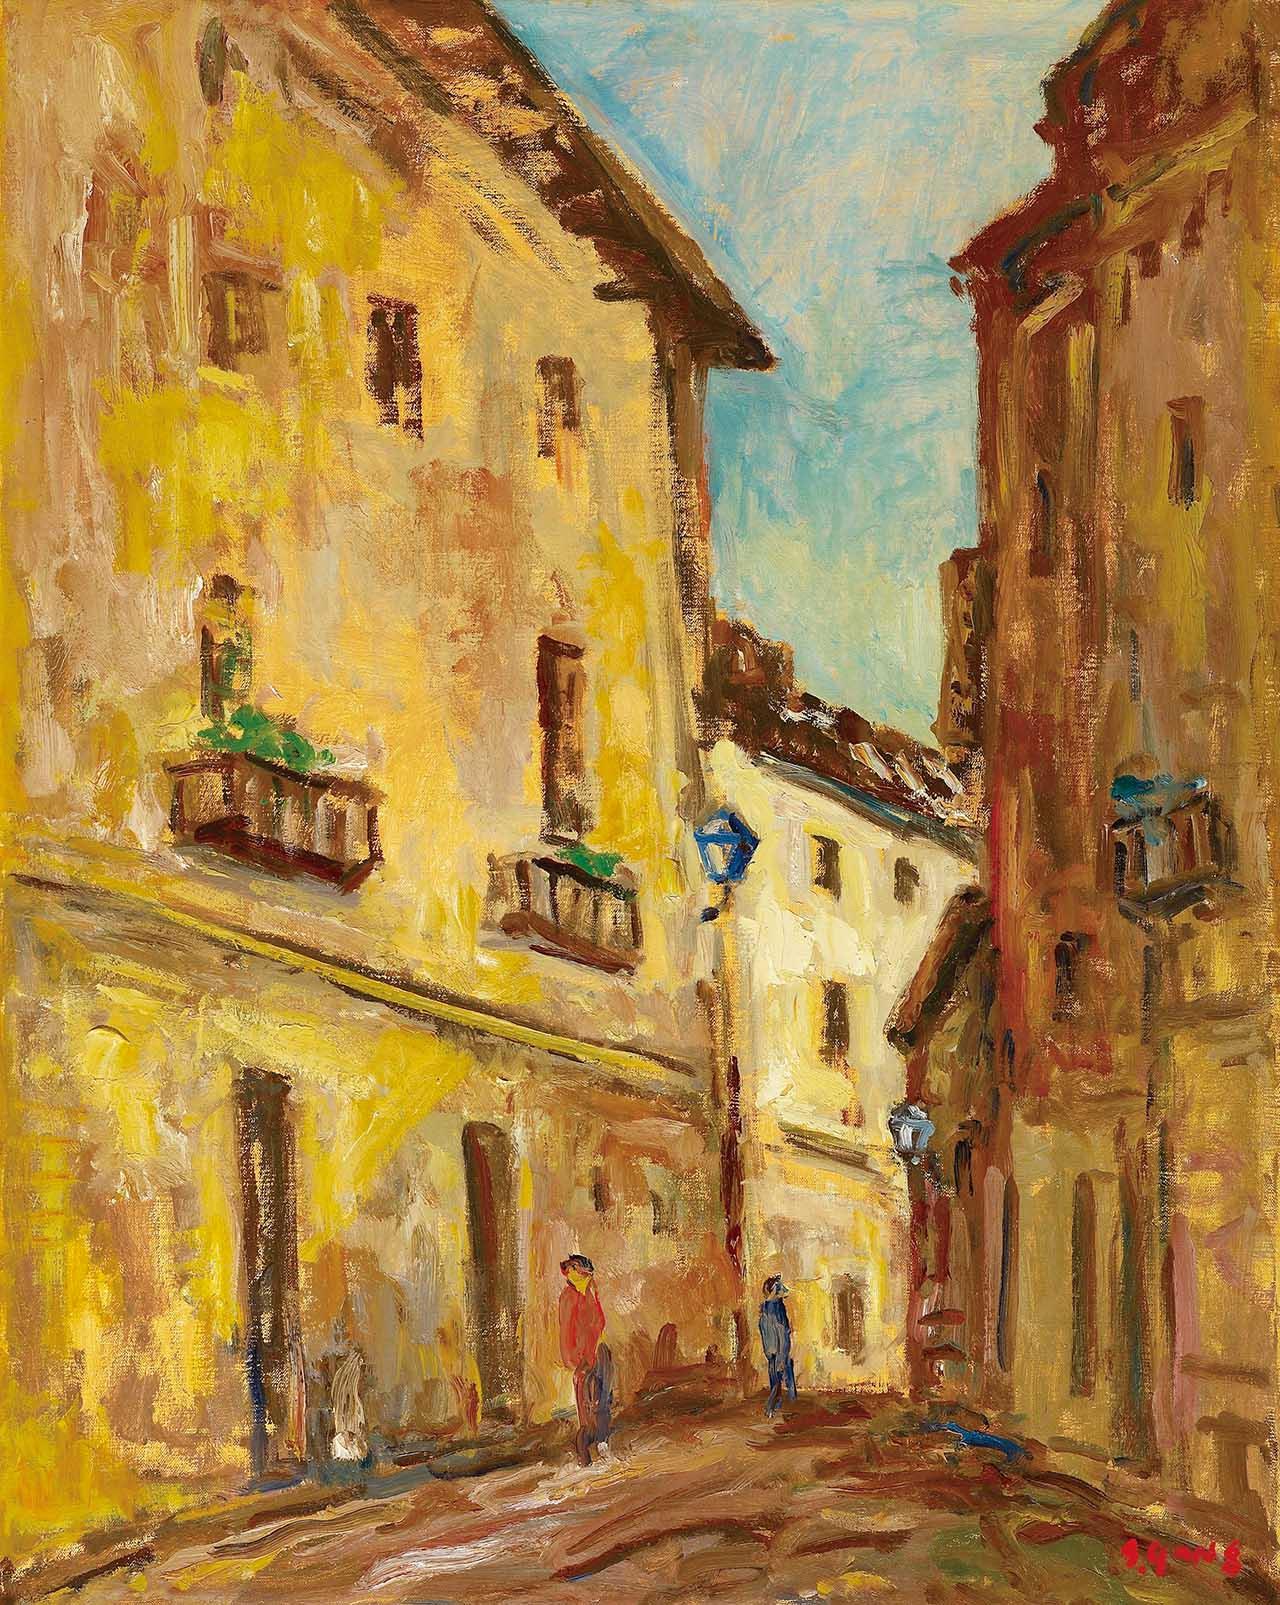 楊三郎 西班牙小巷 油彩畫布 95x72.5cm